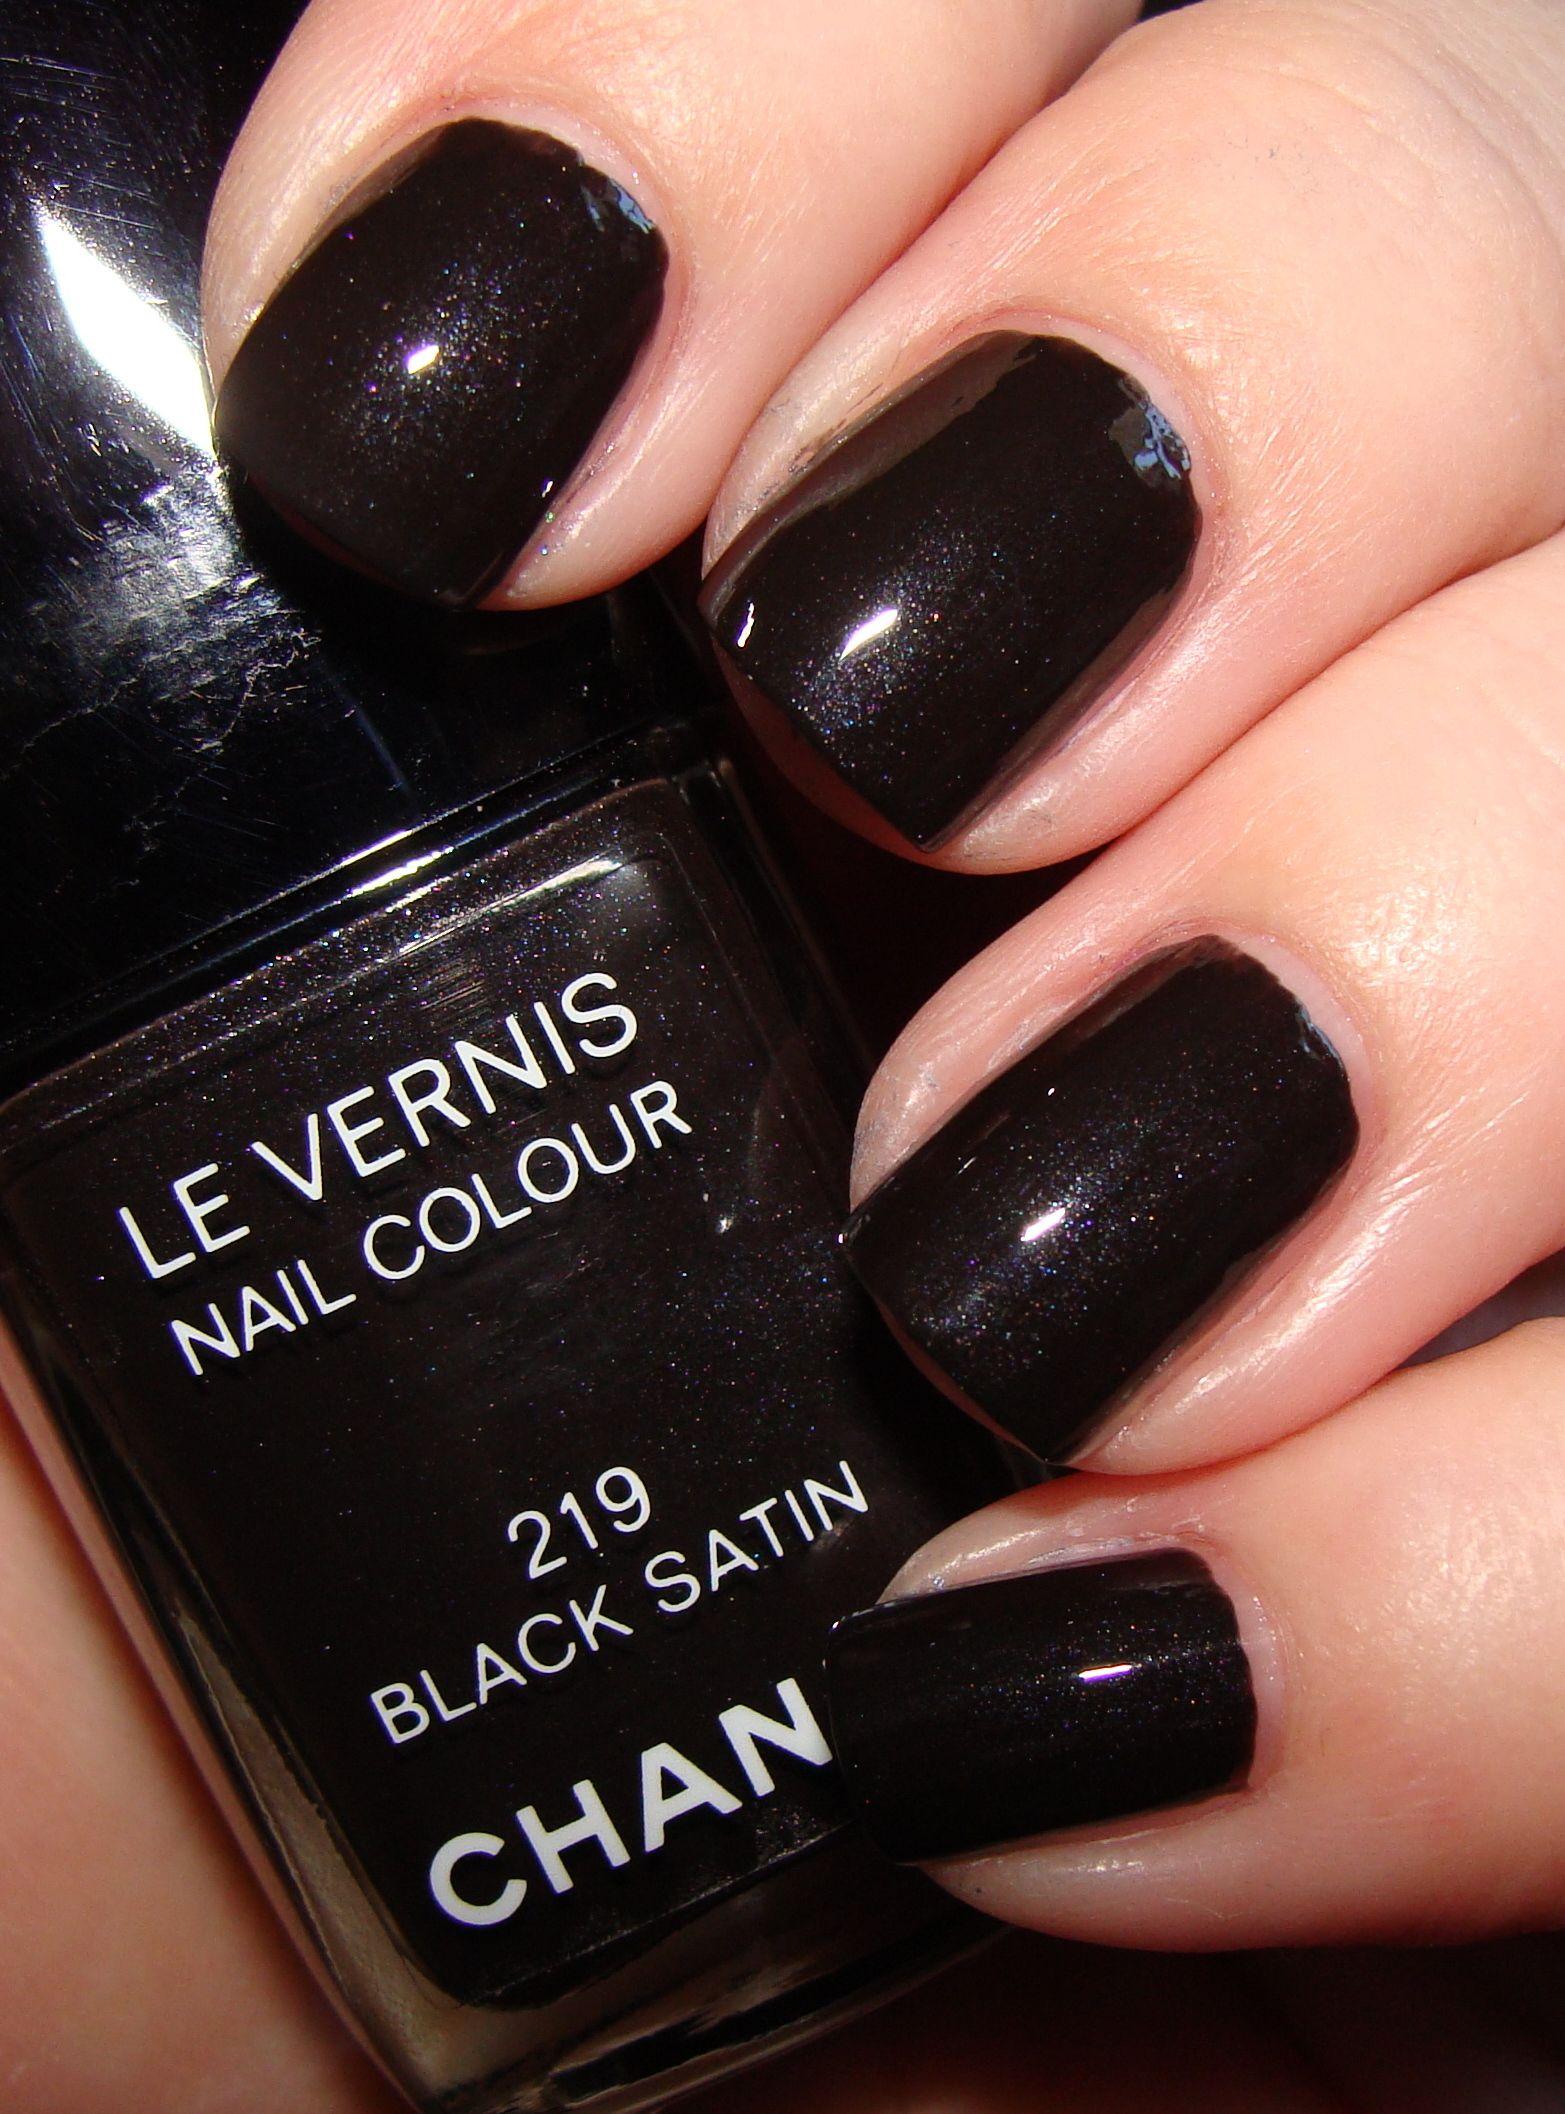 black satin #chanel - matte